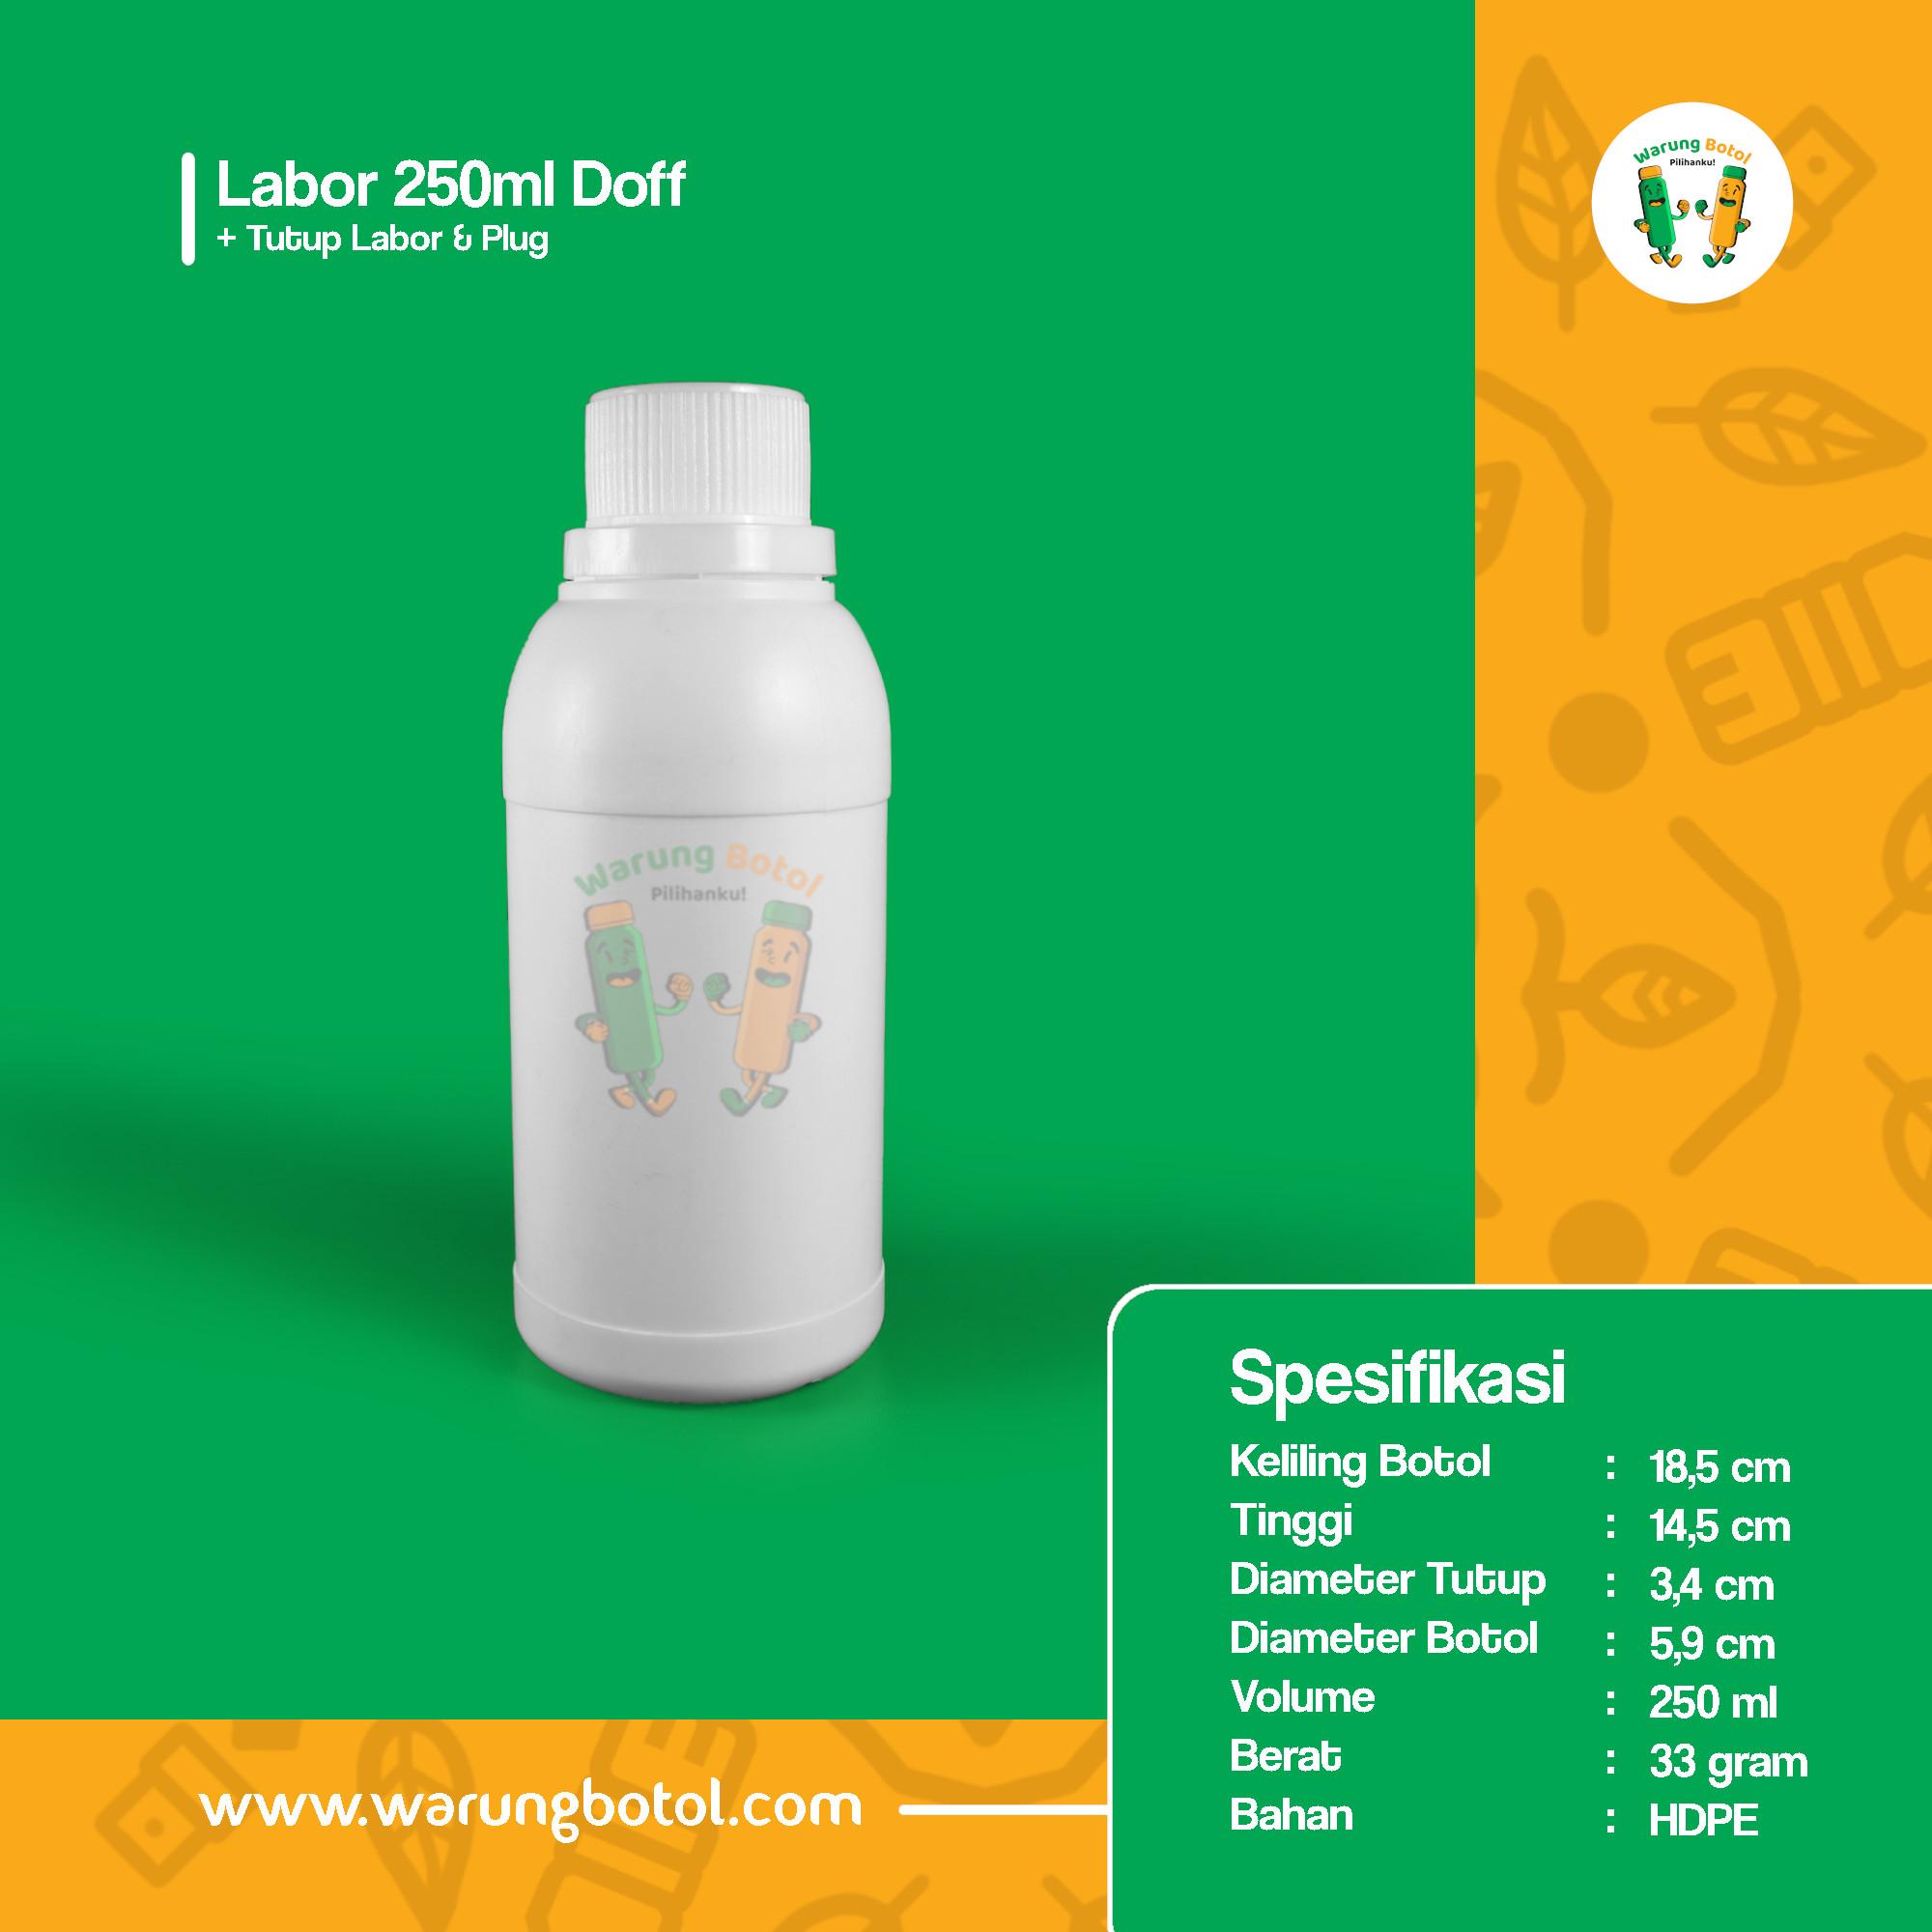 distributor toko jual botol plastik labor untuk bahan kimia 250ml putih murah terdekat bandung jakarta bogor bekasi